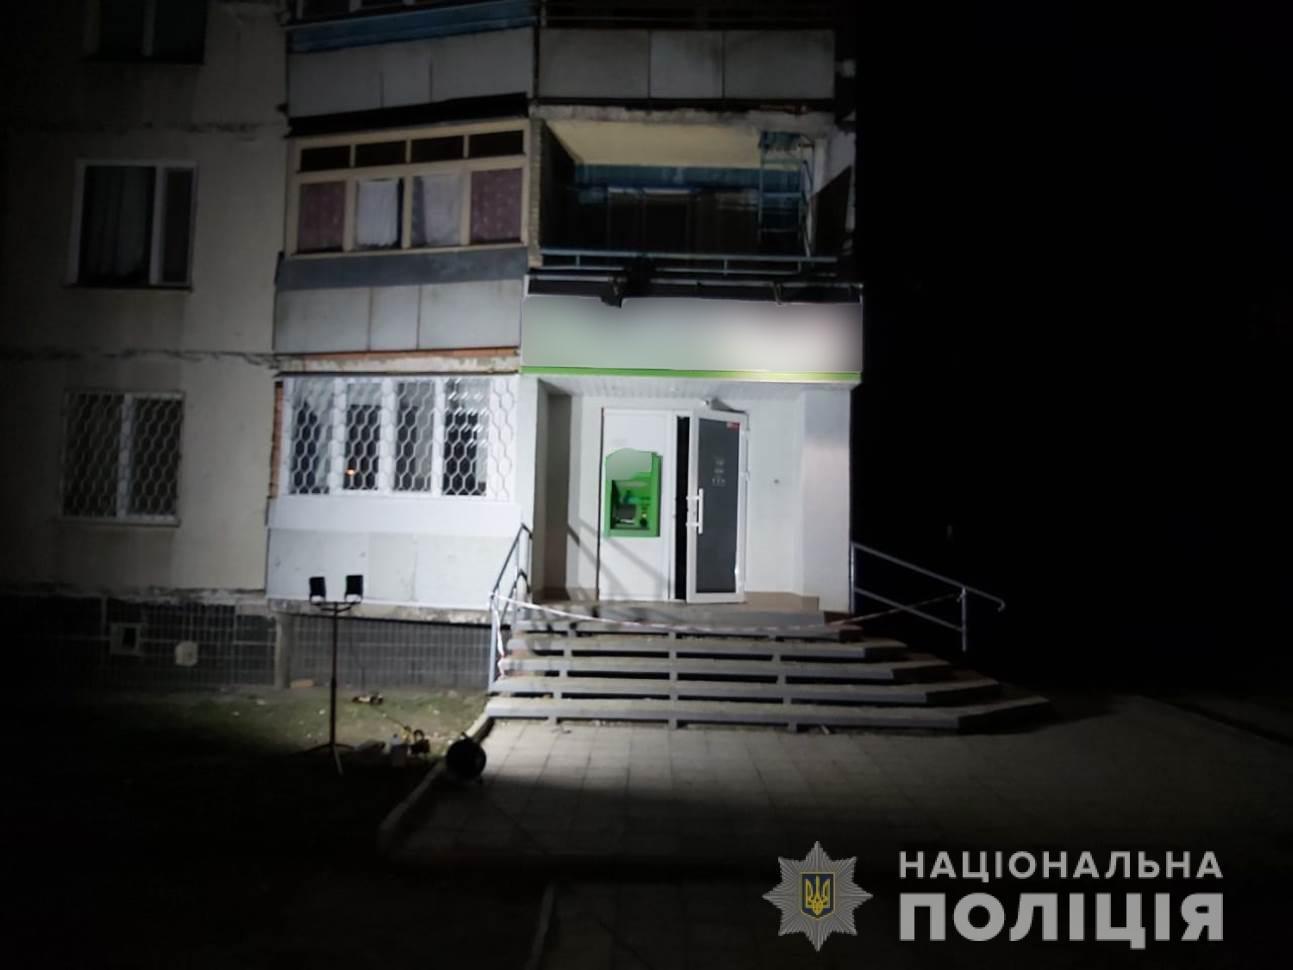 В Харькове неизвестные взорвали банкомат, находящийся в «многоэтажке», - ФОТО, фото-3